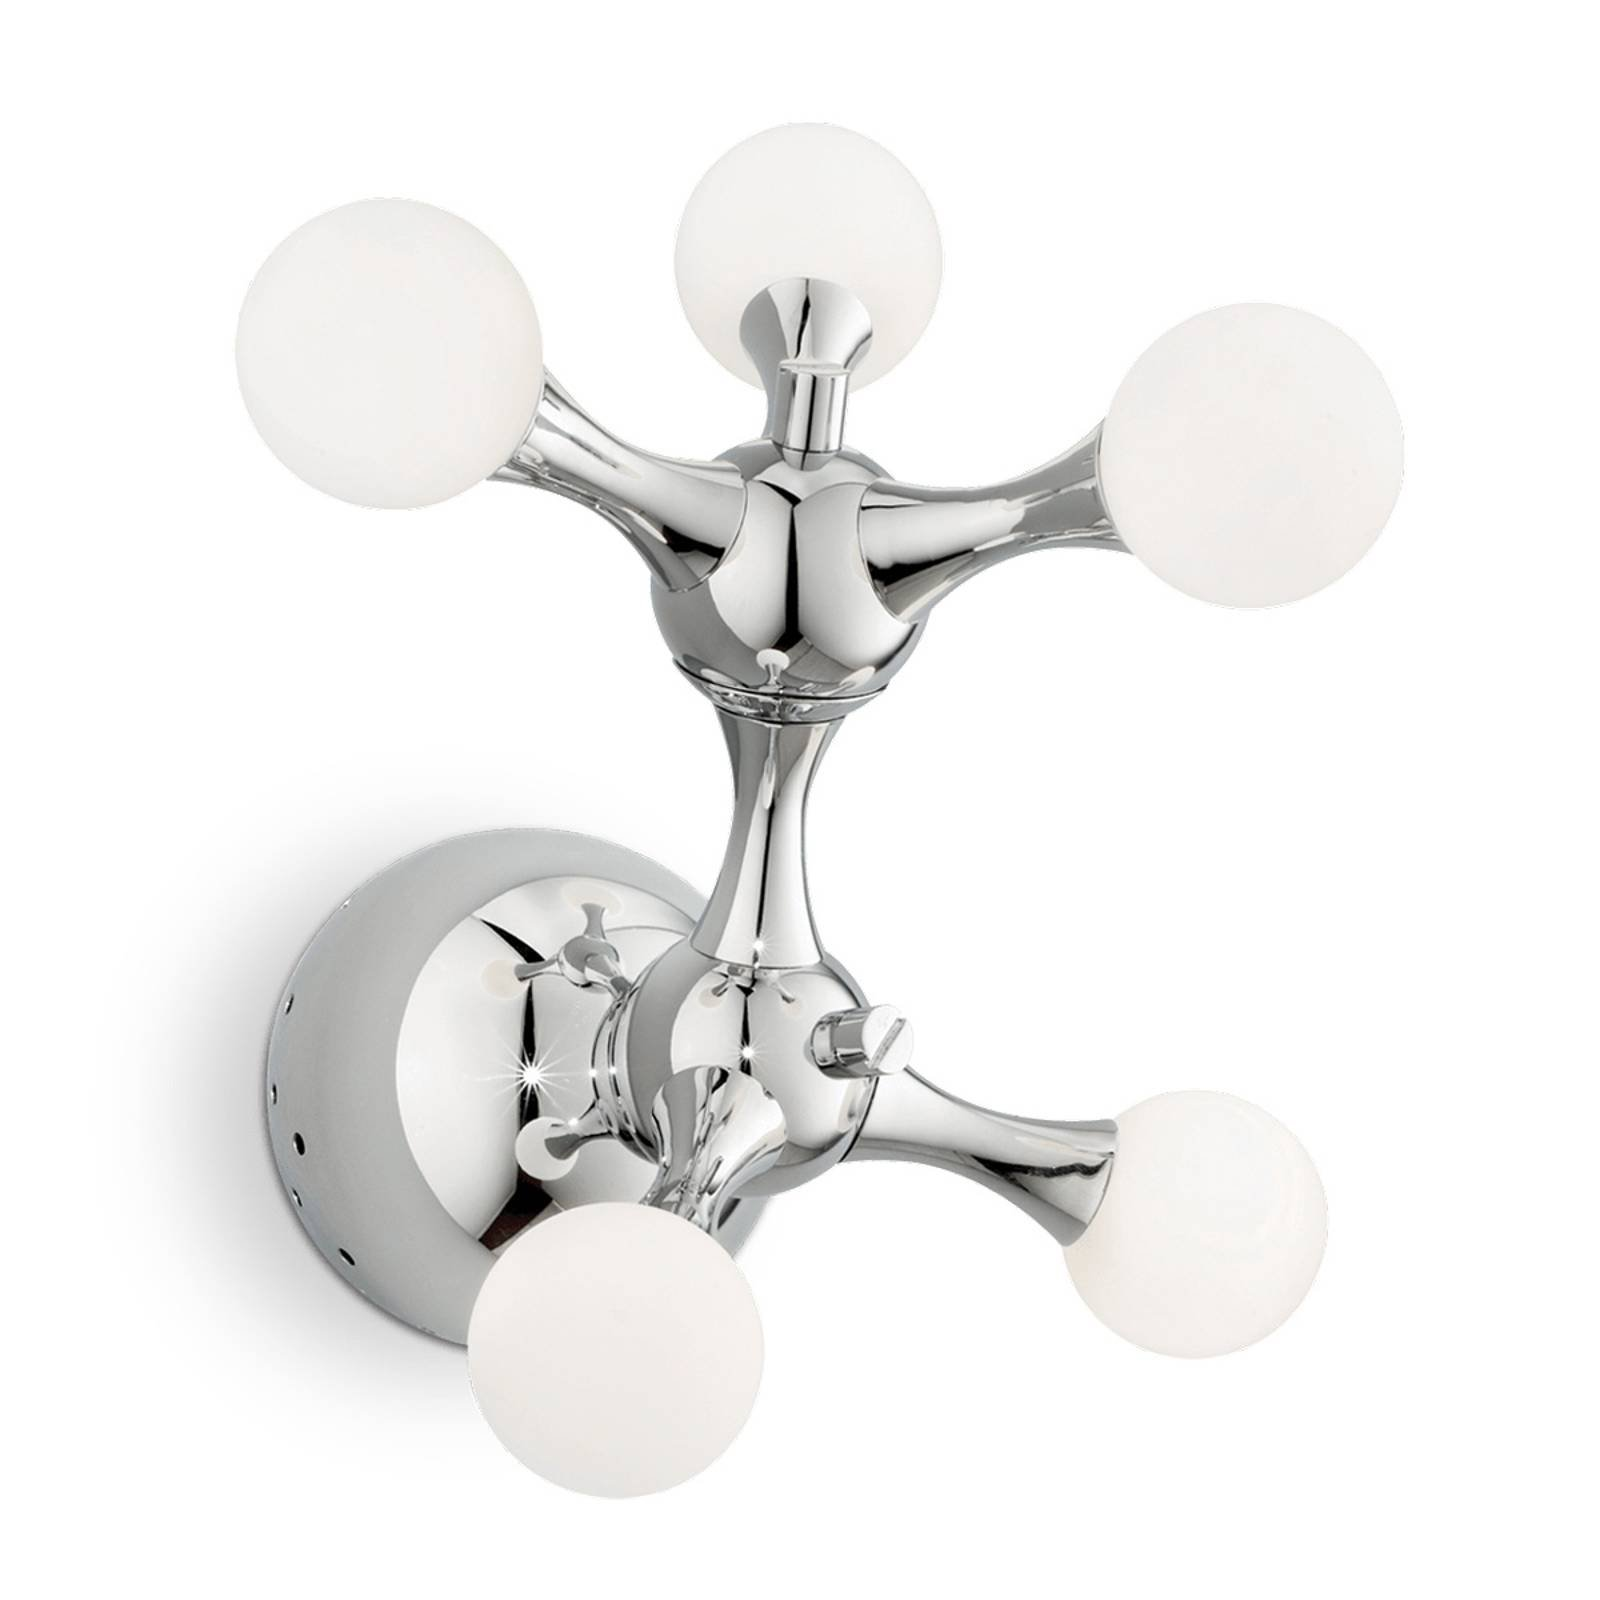 Vegglampe Nodi Bianco, 5 lyskilder, G4